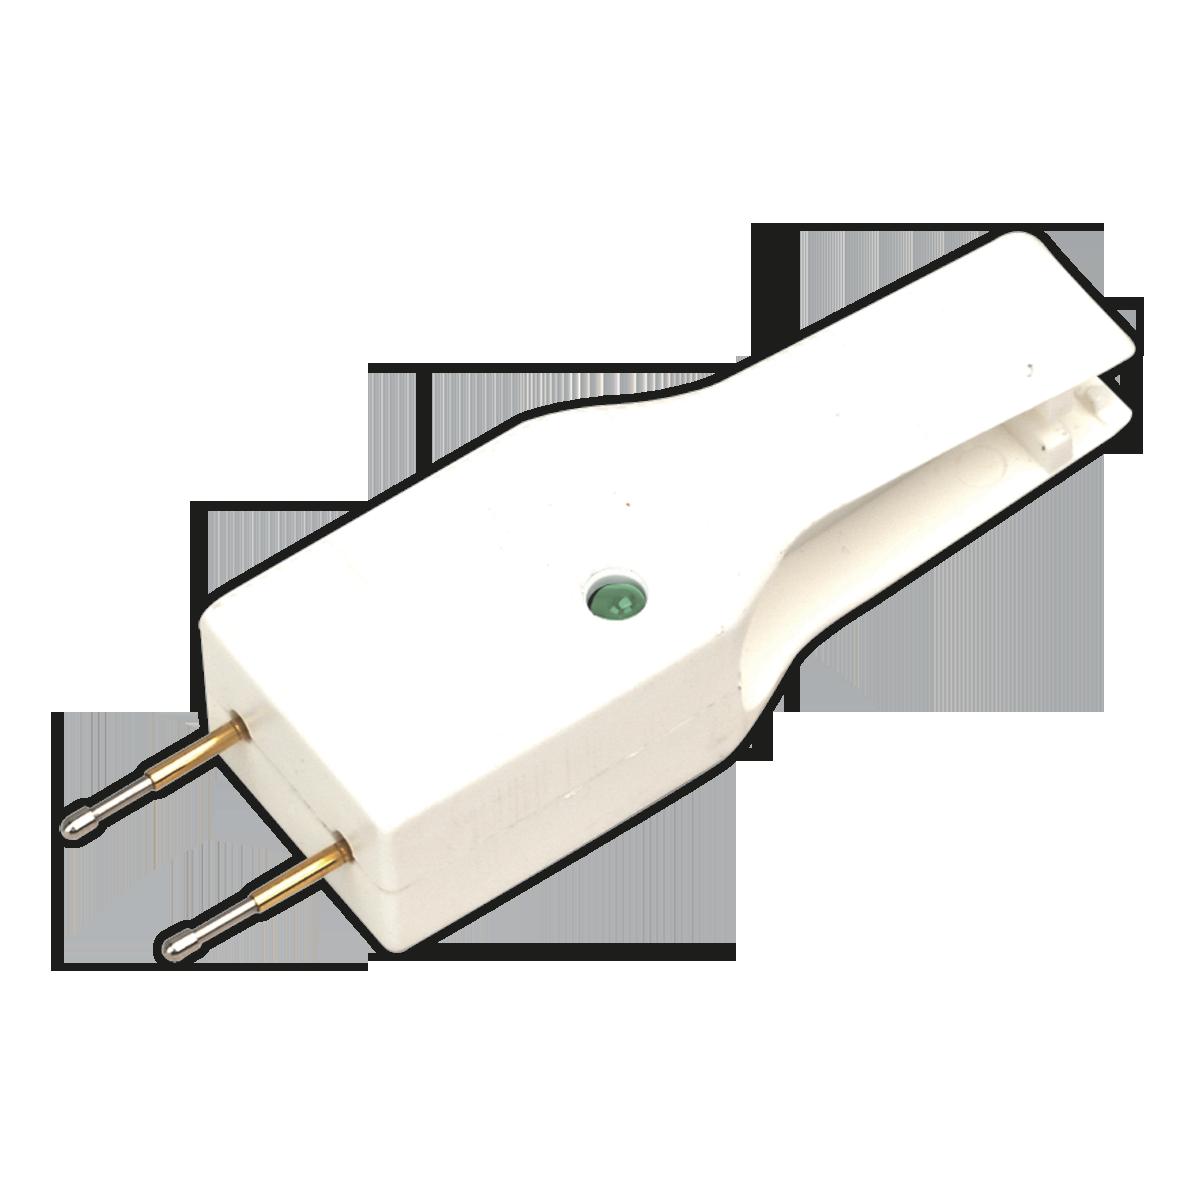 Electrical FHMSP20 Sealey Mini Blade Fuse Holder Splashproof 20Amp Pack of 10